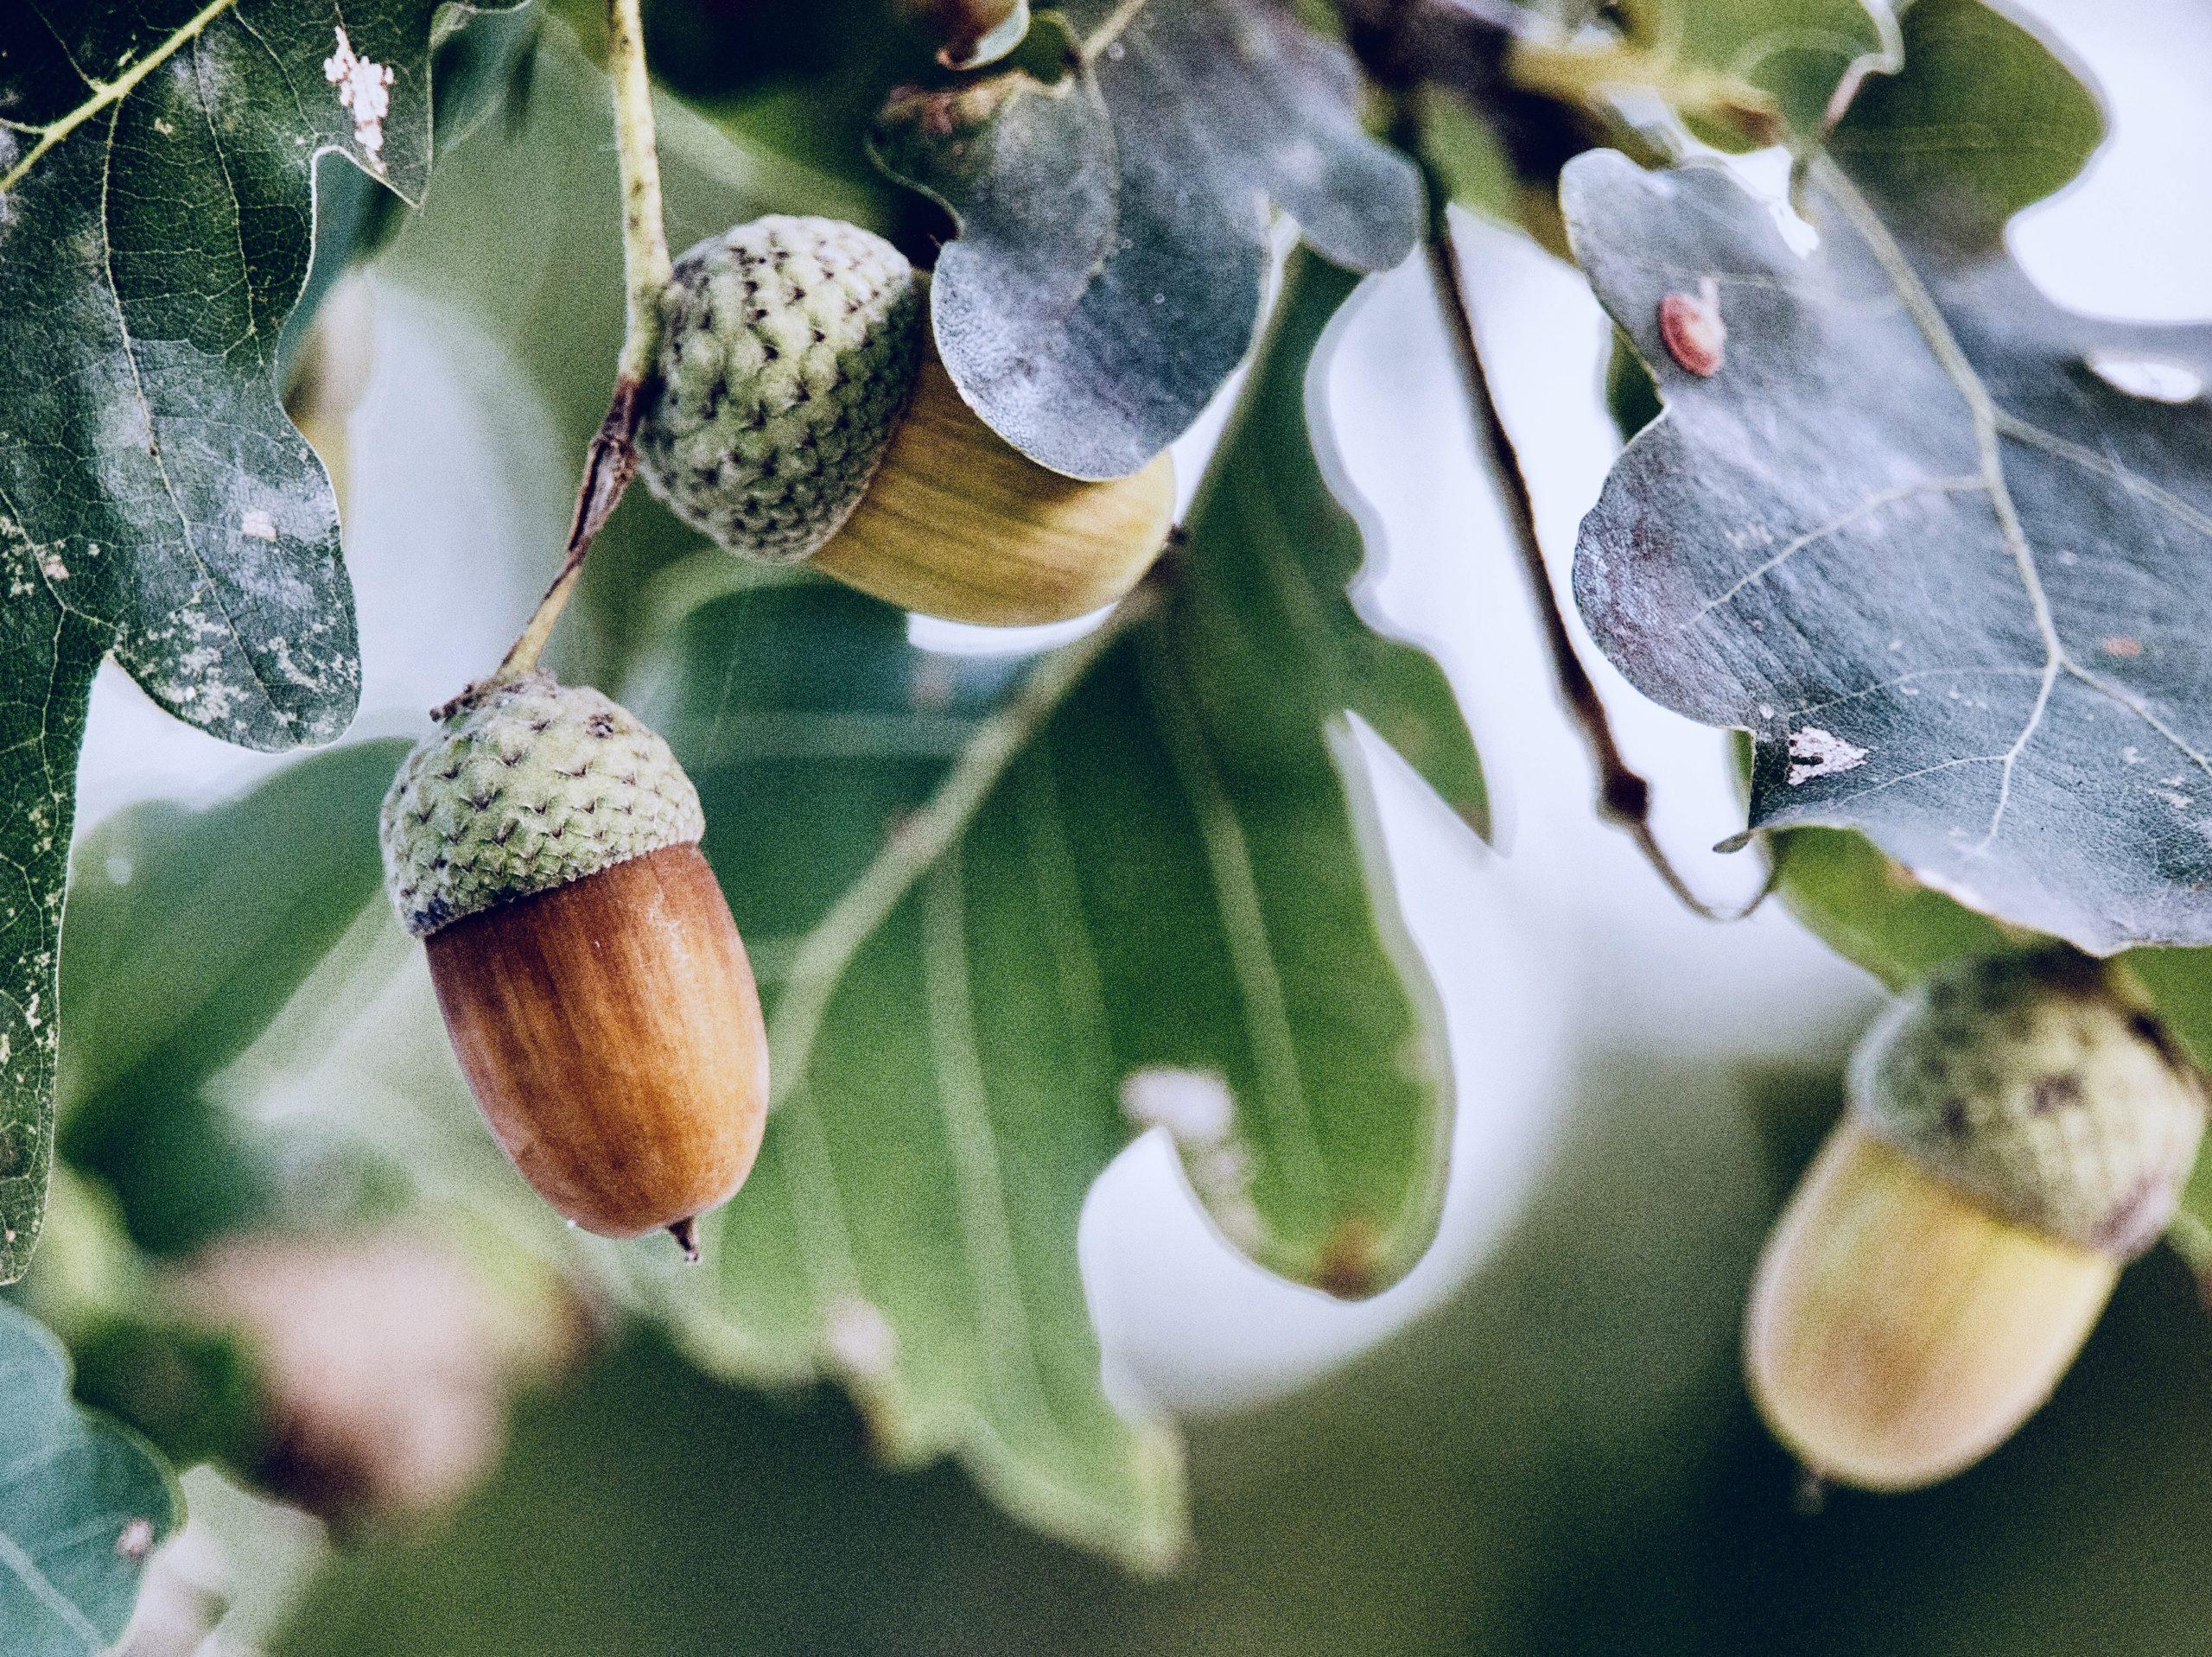 Acorns on the tree